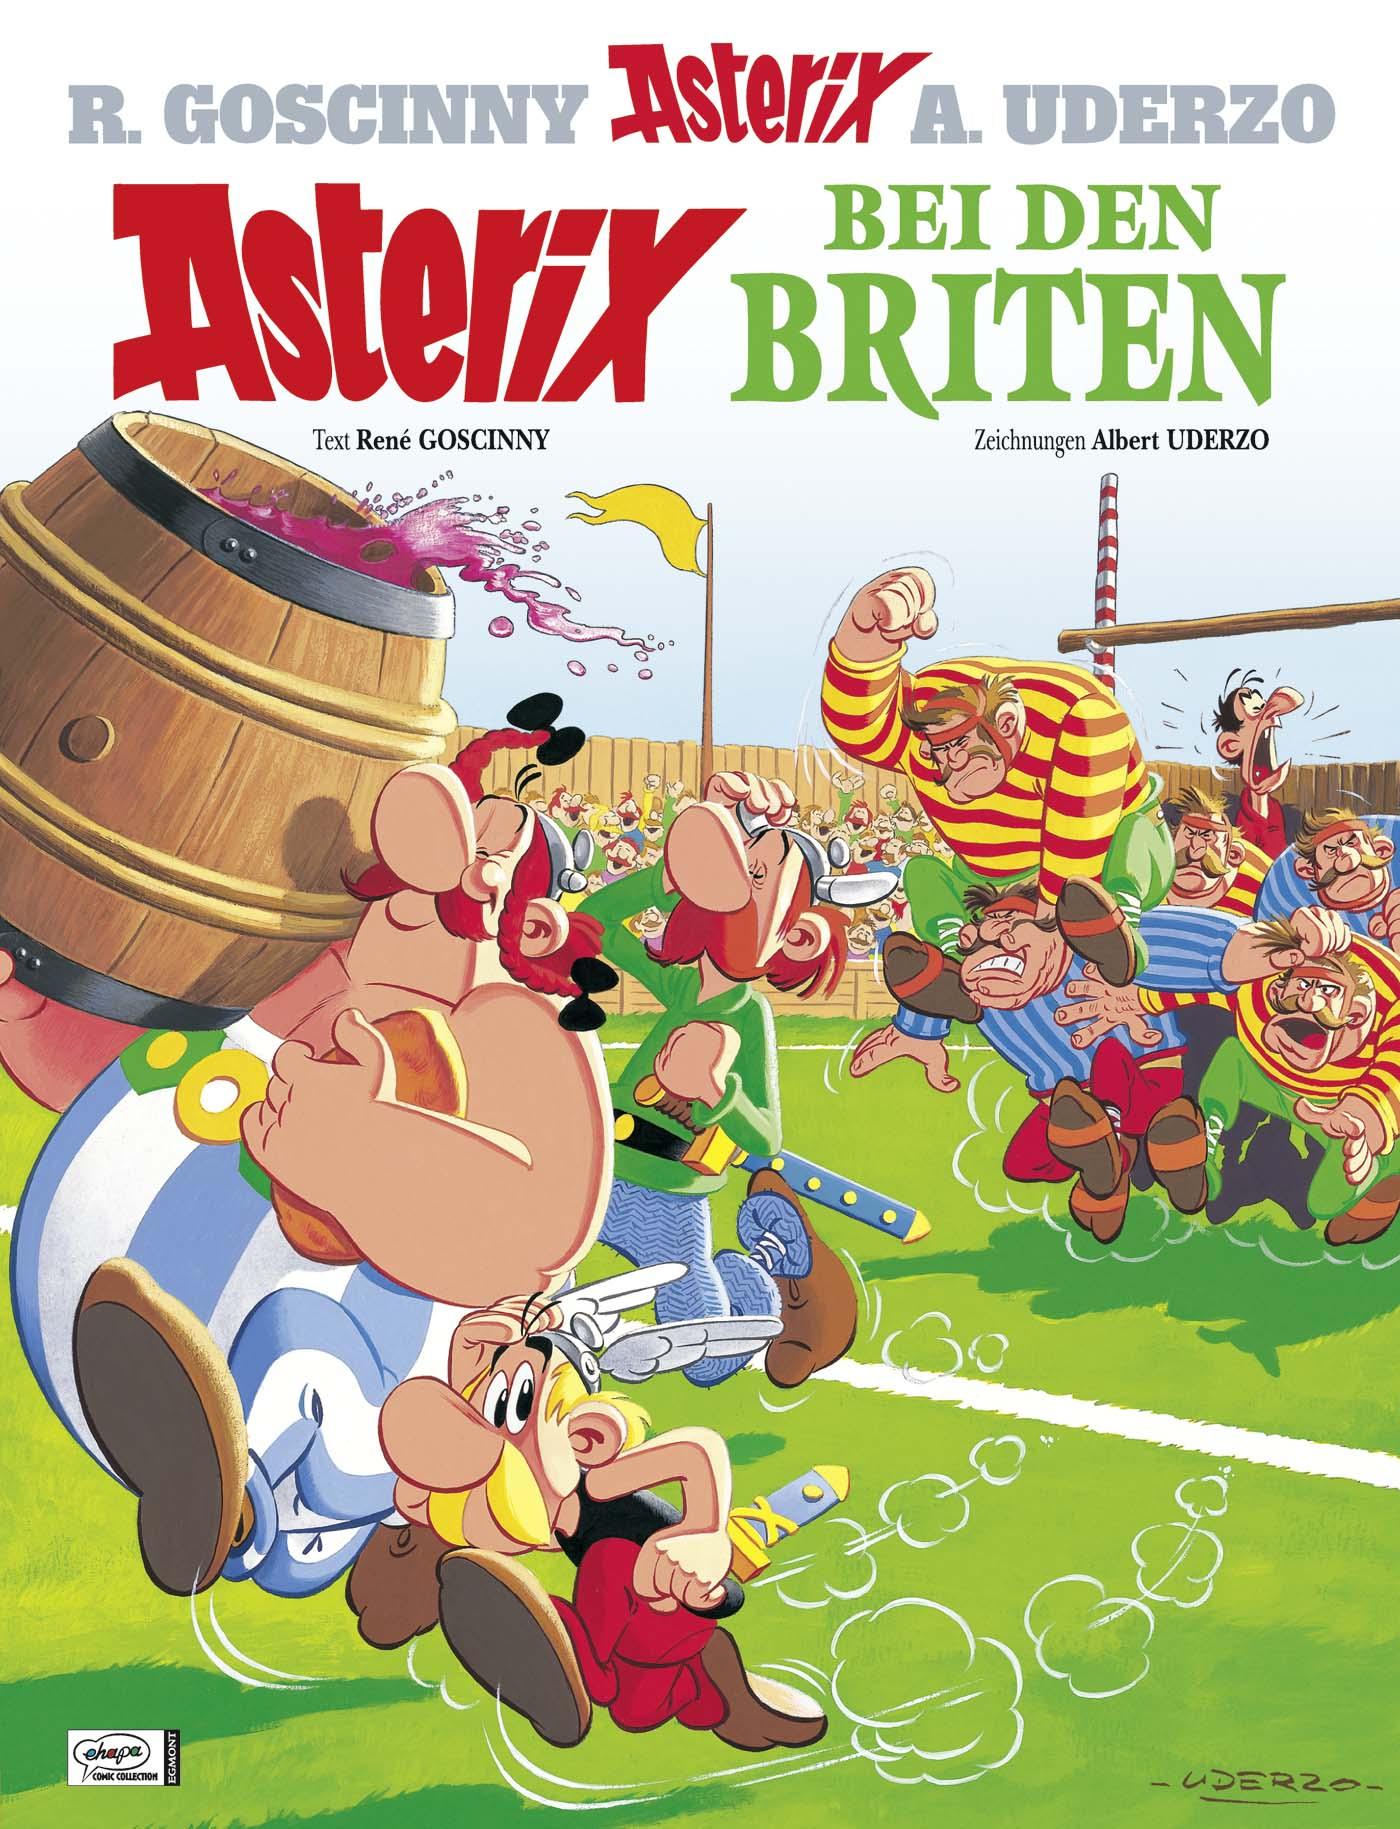 Asterix: Band 8 - Asterix bei den Briten - R. Goscinny & A. Uderzo [Gebundene Ausgabe]